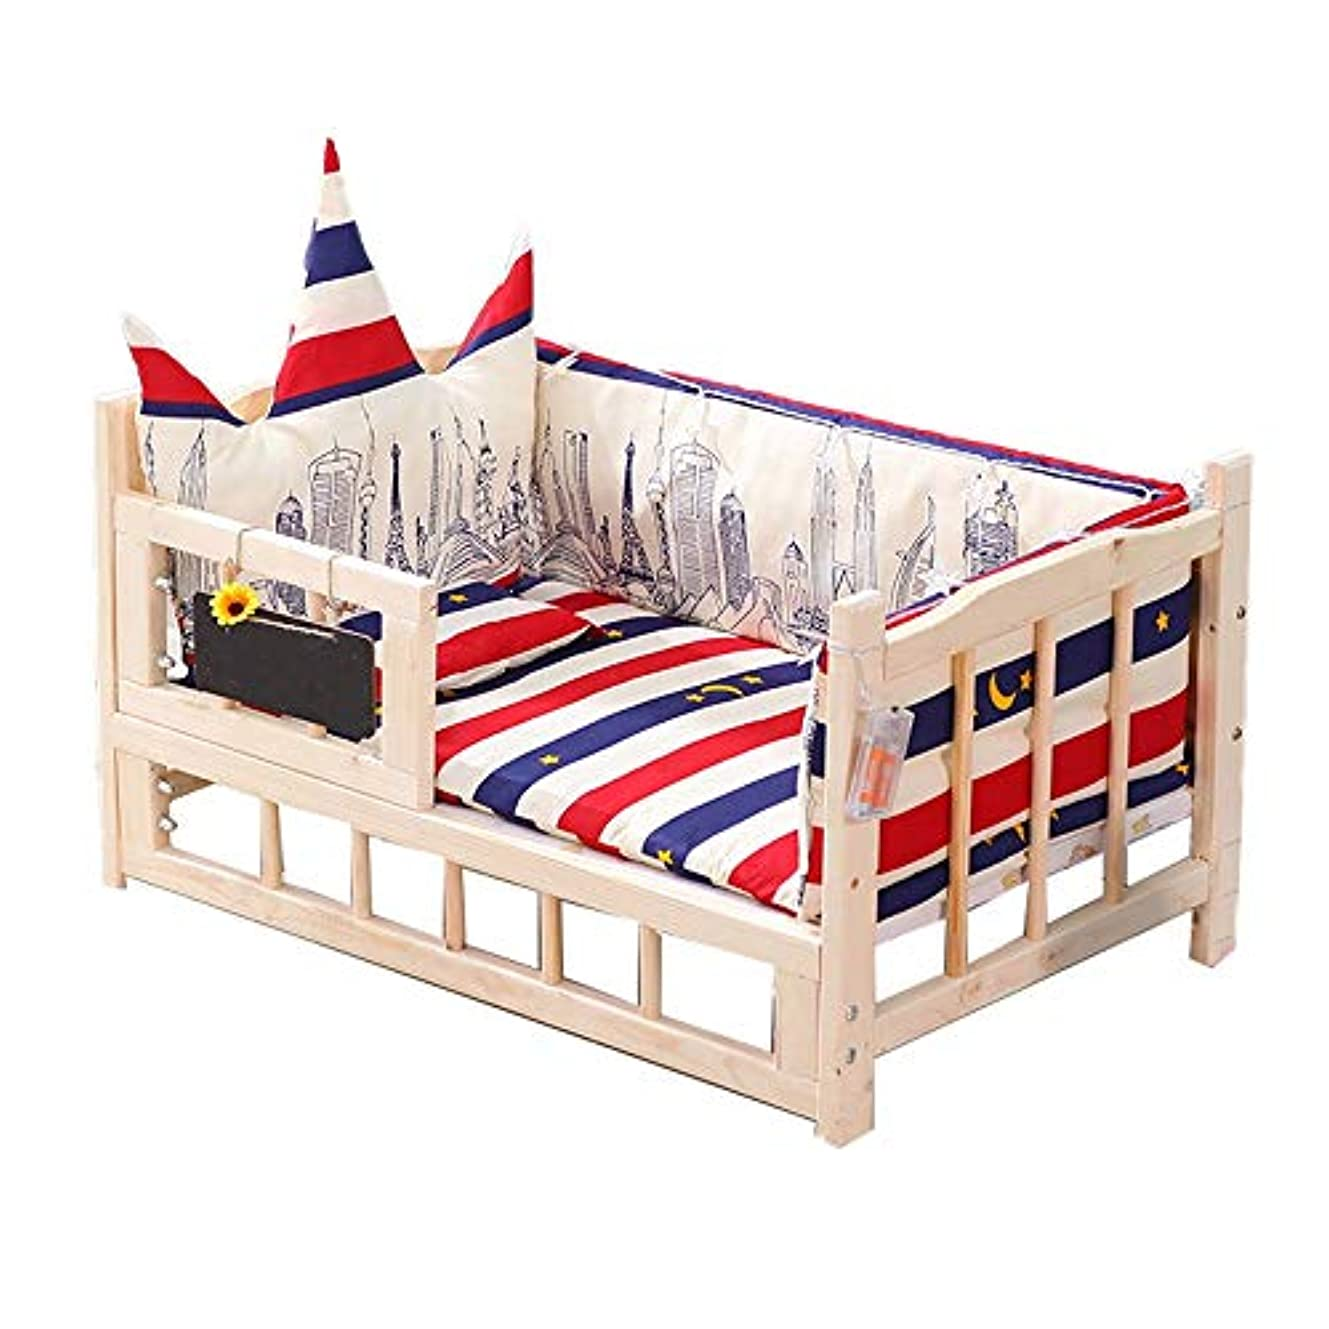 仮称近似緯度すべての猫と縞模様PP綿パッド付き小型犬木製ベッド用ソリッドウッド素材に最適厚みの木製ペットベッドのウサギの巣 (Size : M)